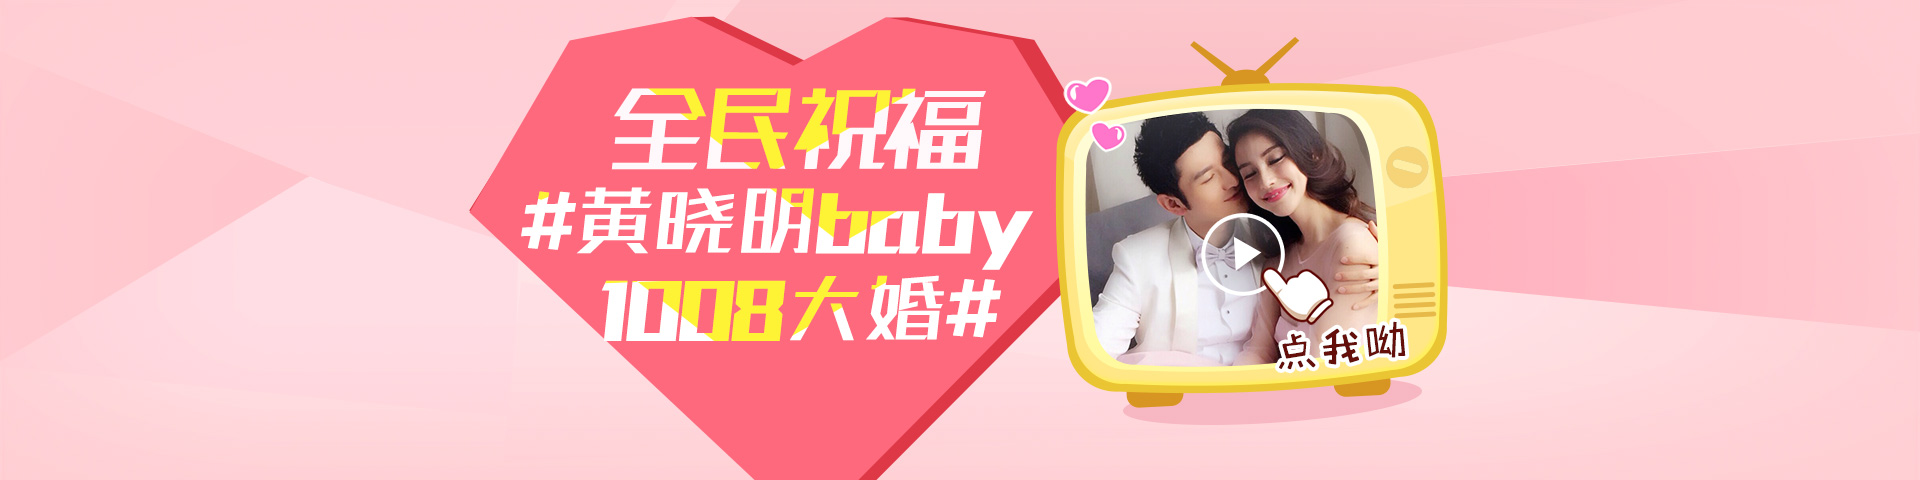 黄晓明baby1008大婚